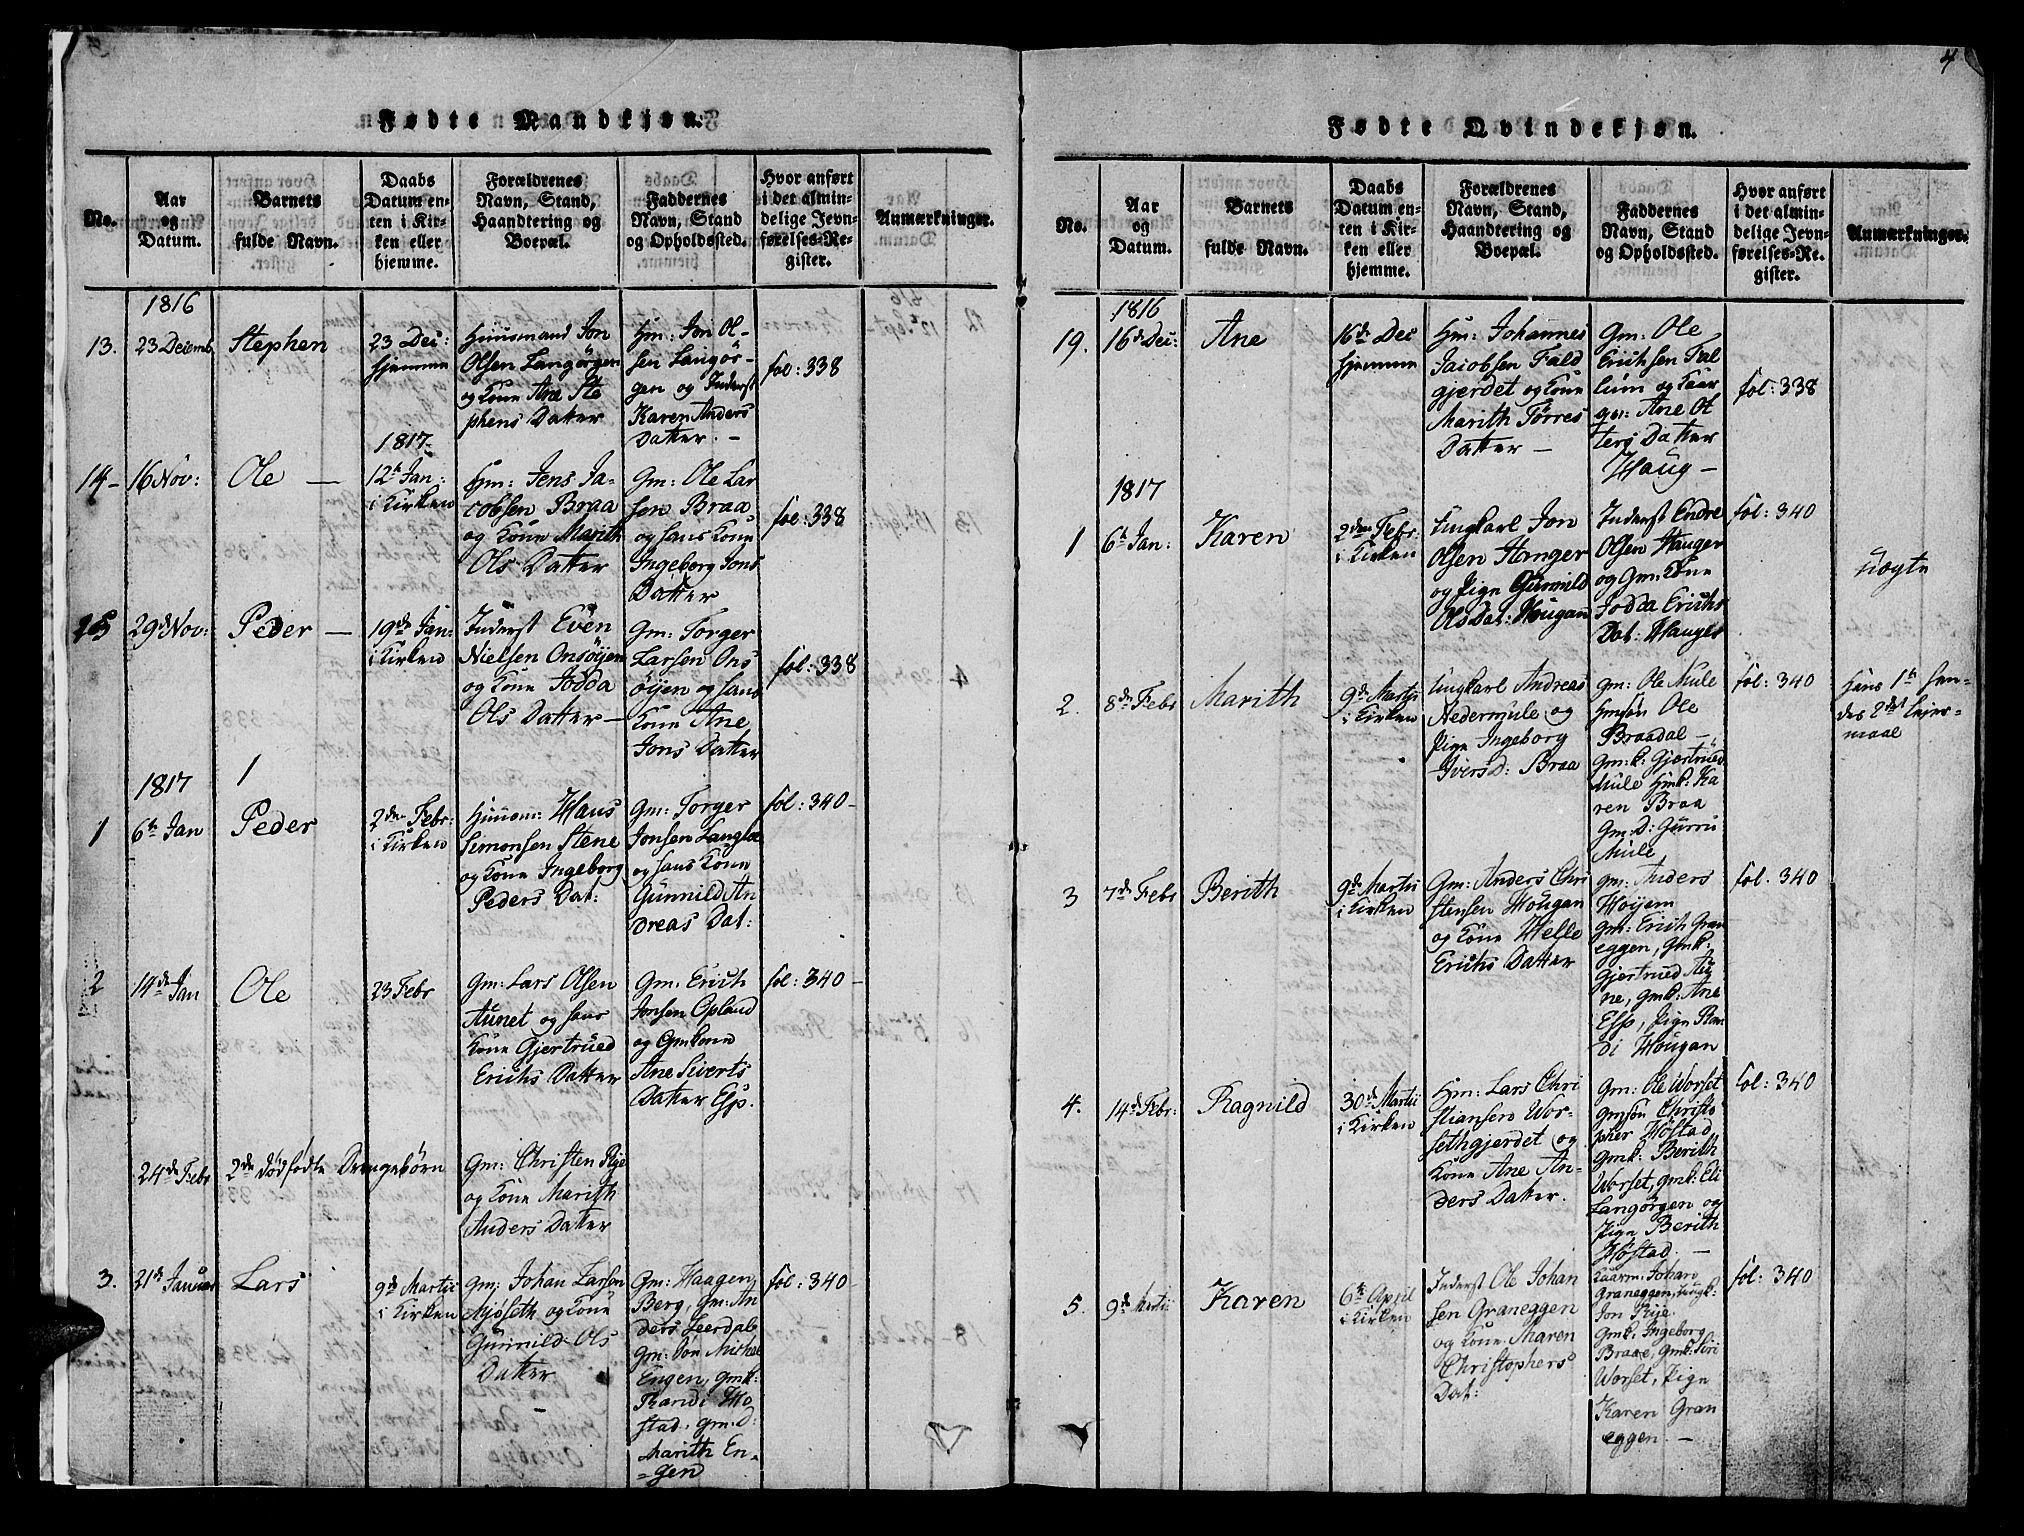 SAT, Ministerialprotokoller, klokkerbøker og fødselsregistre - Sør-Trøndelag, 612/L0372: Ministerialbok nr. 612A06 /1, 1816-1828, s. 4